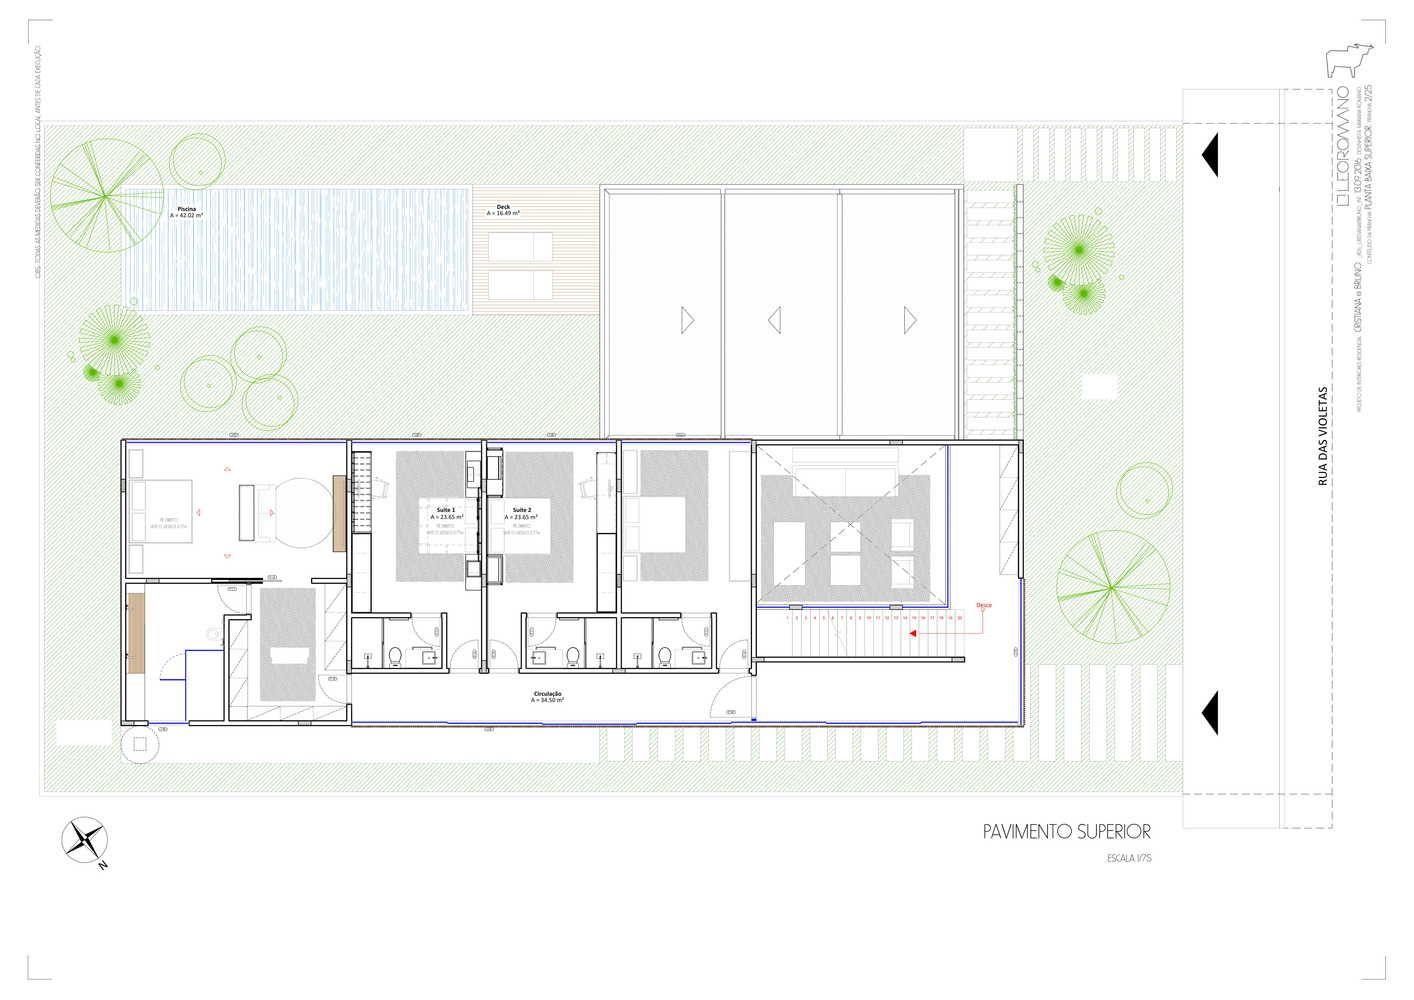 Galeria De Casa Dos Ventos Leo Romano 17 In 2021 Floor Plans Ground Floor Plan Layout